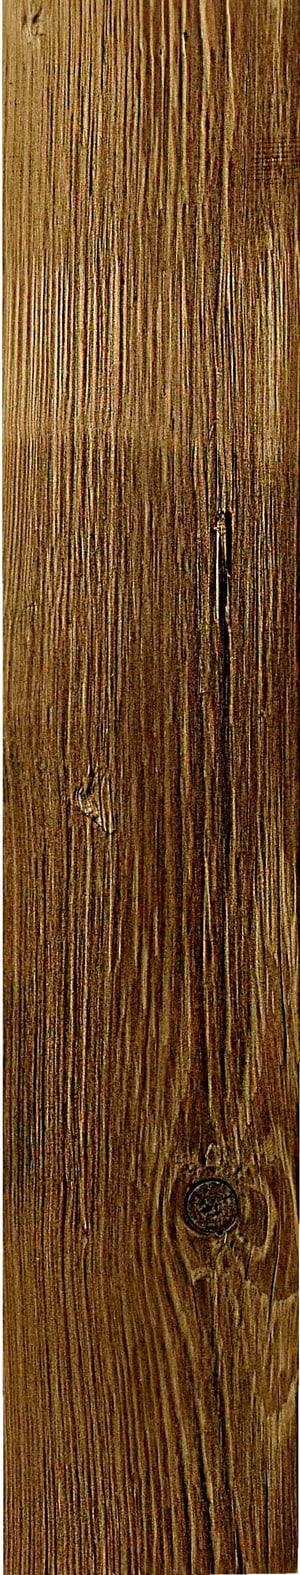 Planches vieux bois marron 20 x 80-120 x 2000 mm 5 pcs.